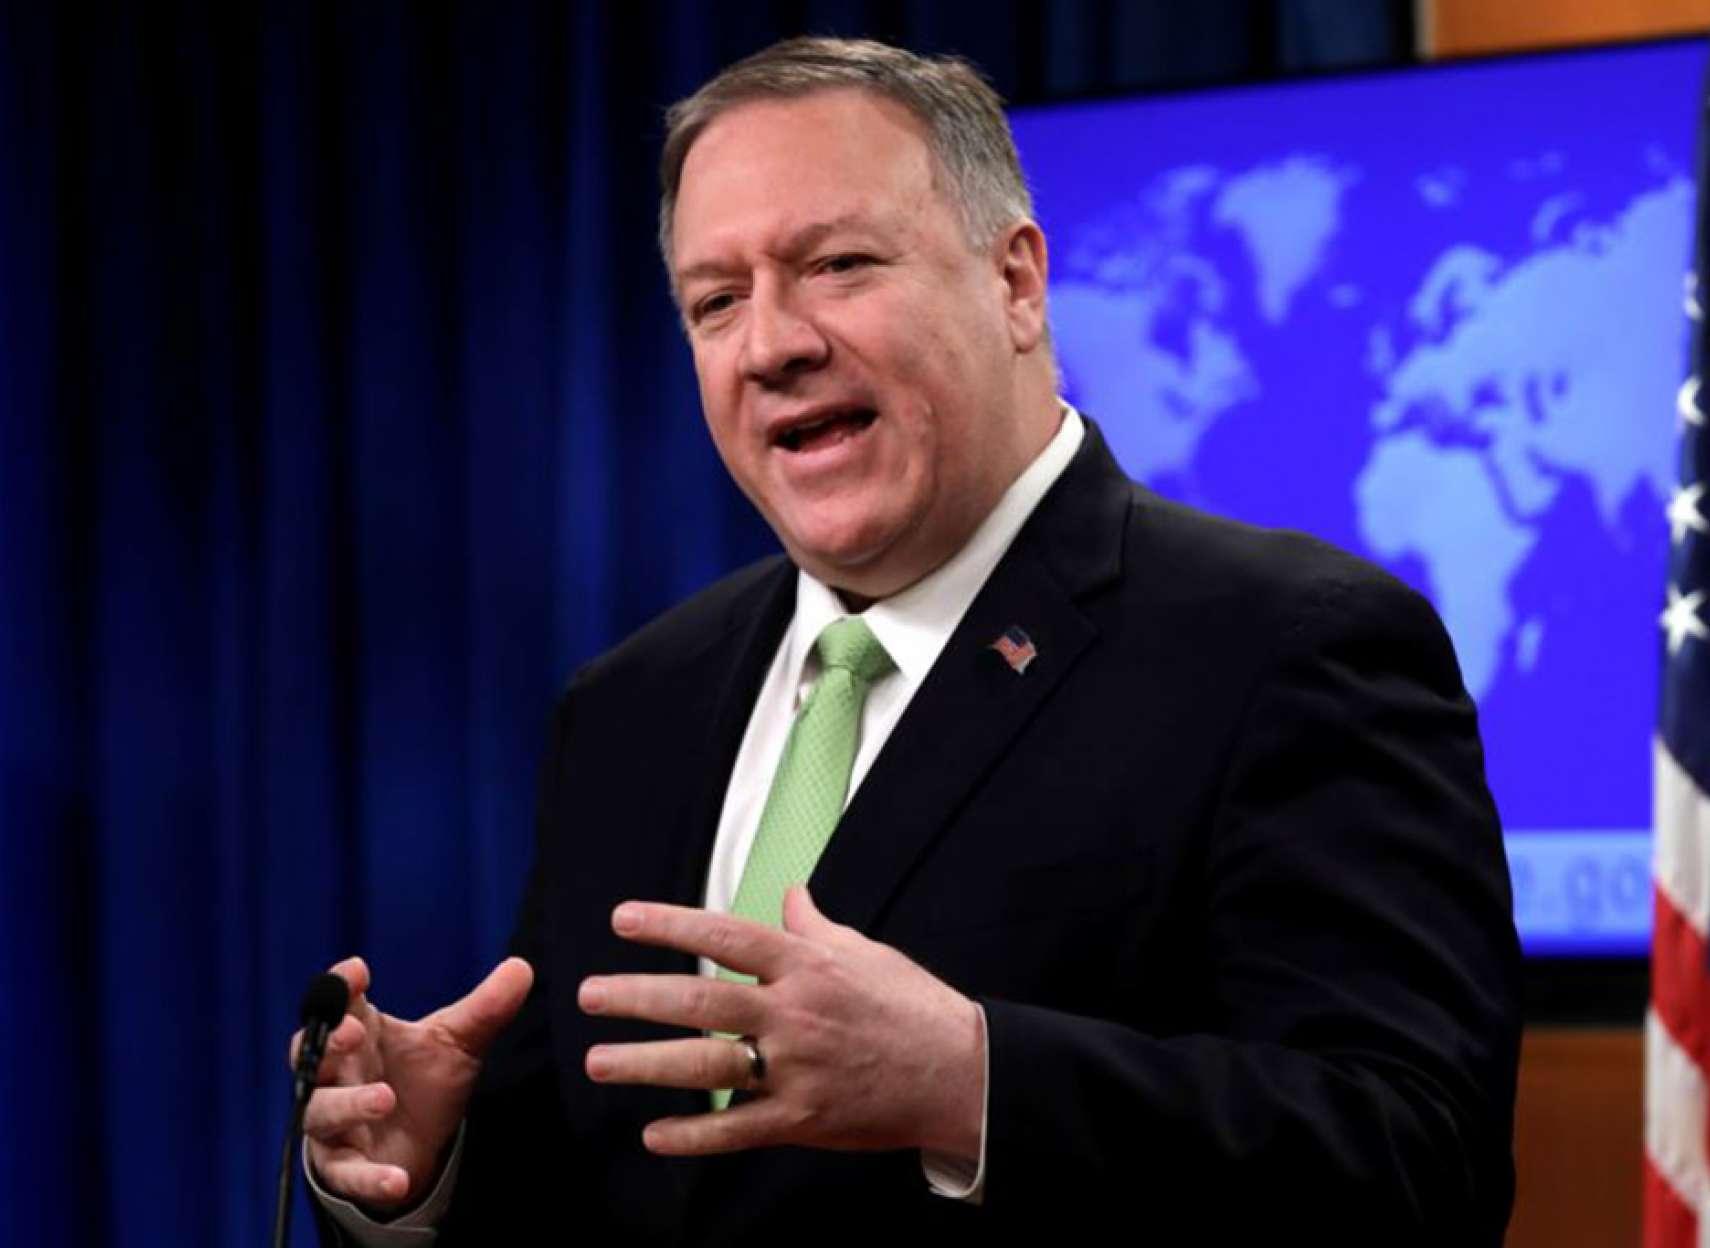 اقتصاد-تنباکویی-آمریکا-چند-شرکت-حملونقل-وابسته-به-ایران-را-تحریم-کرد